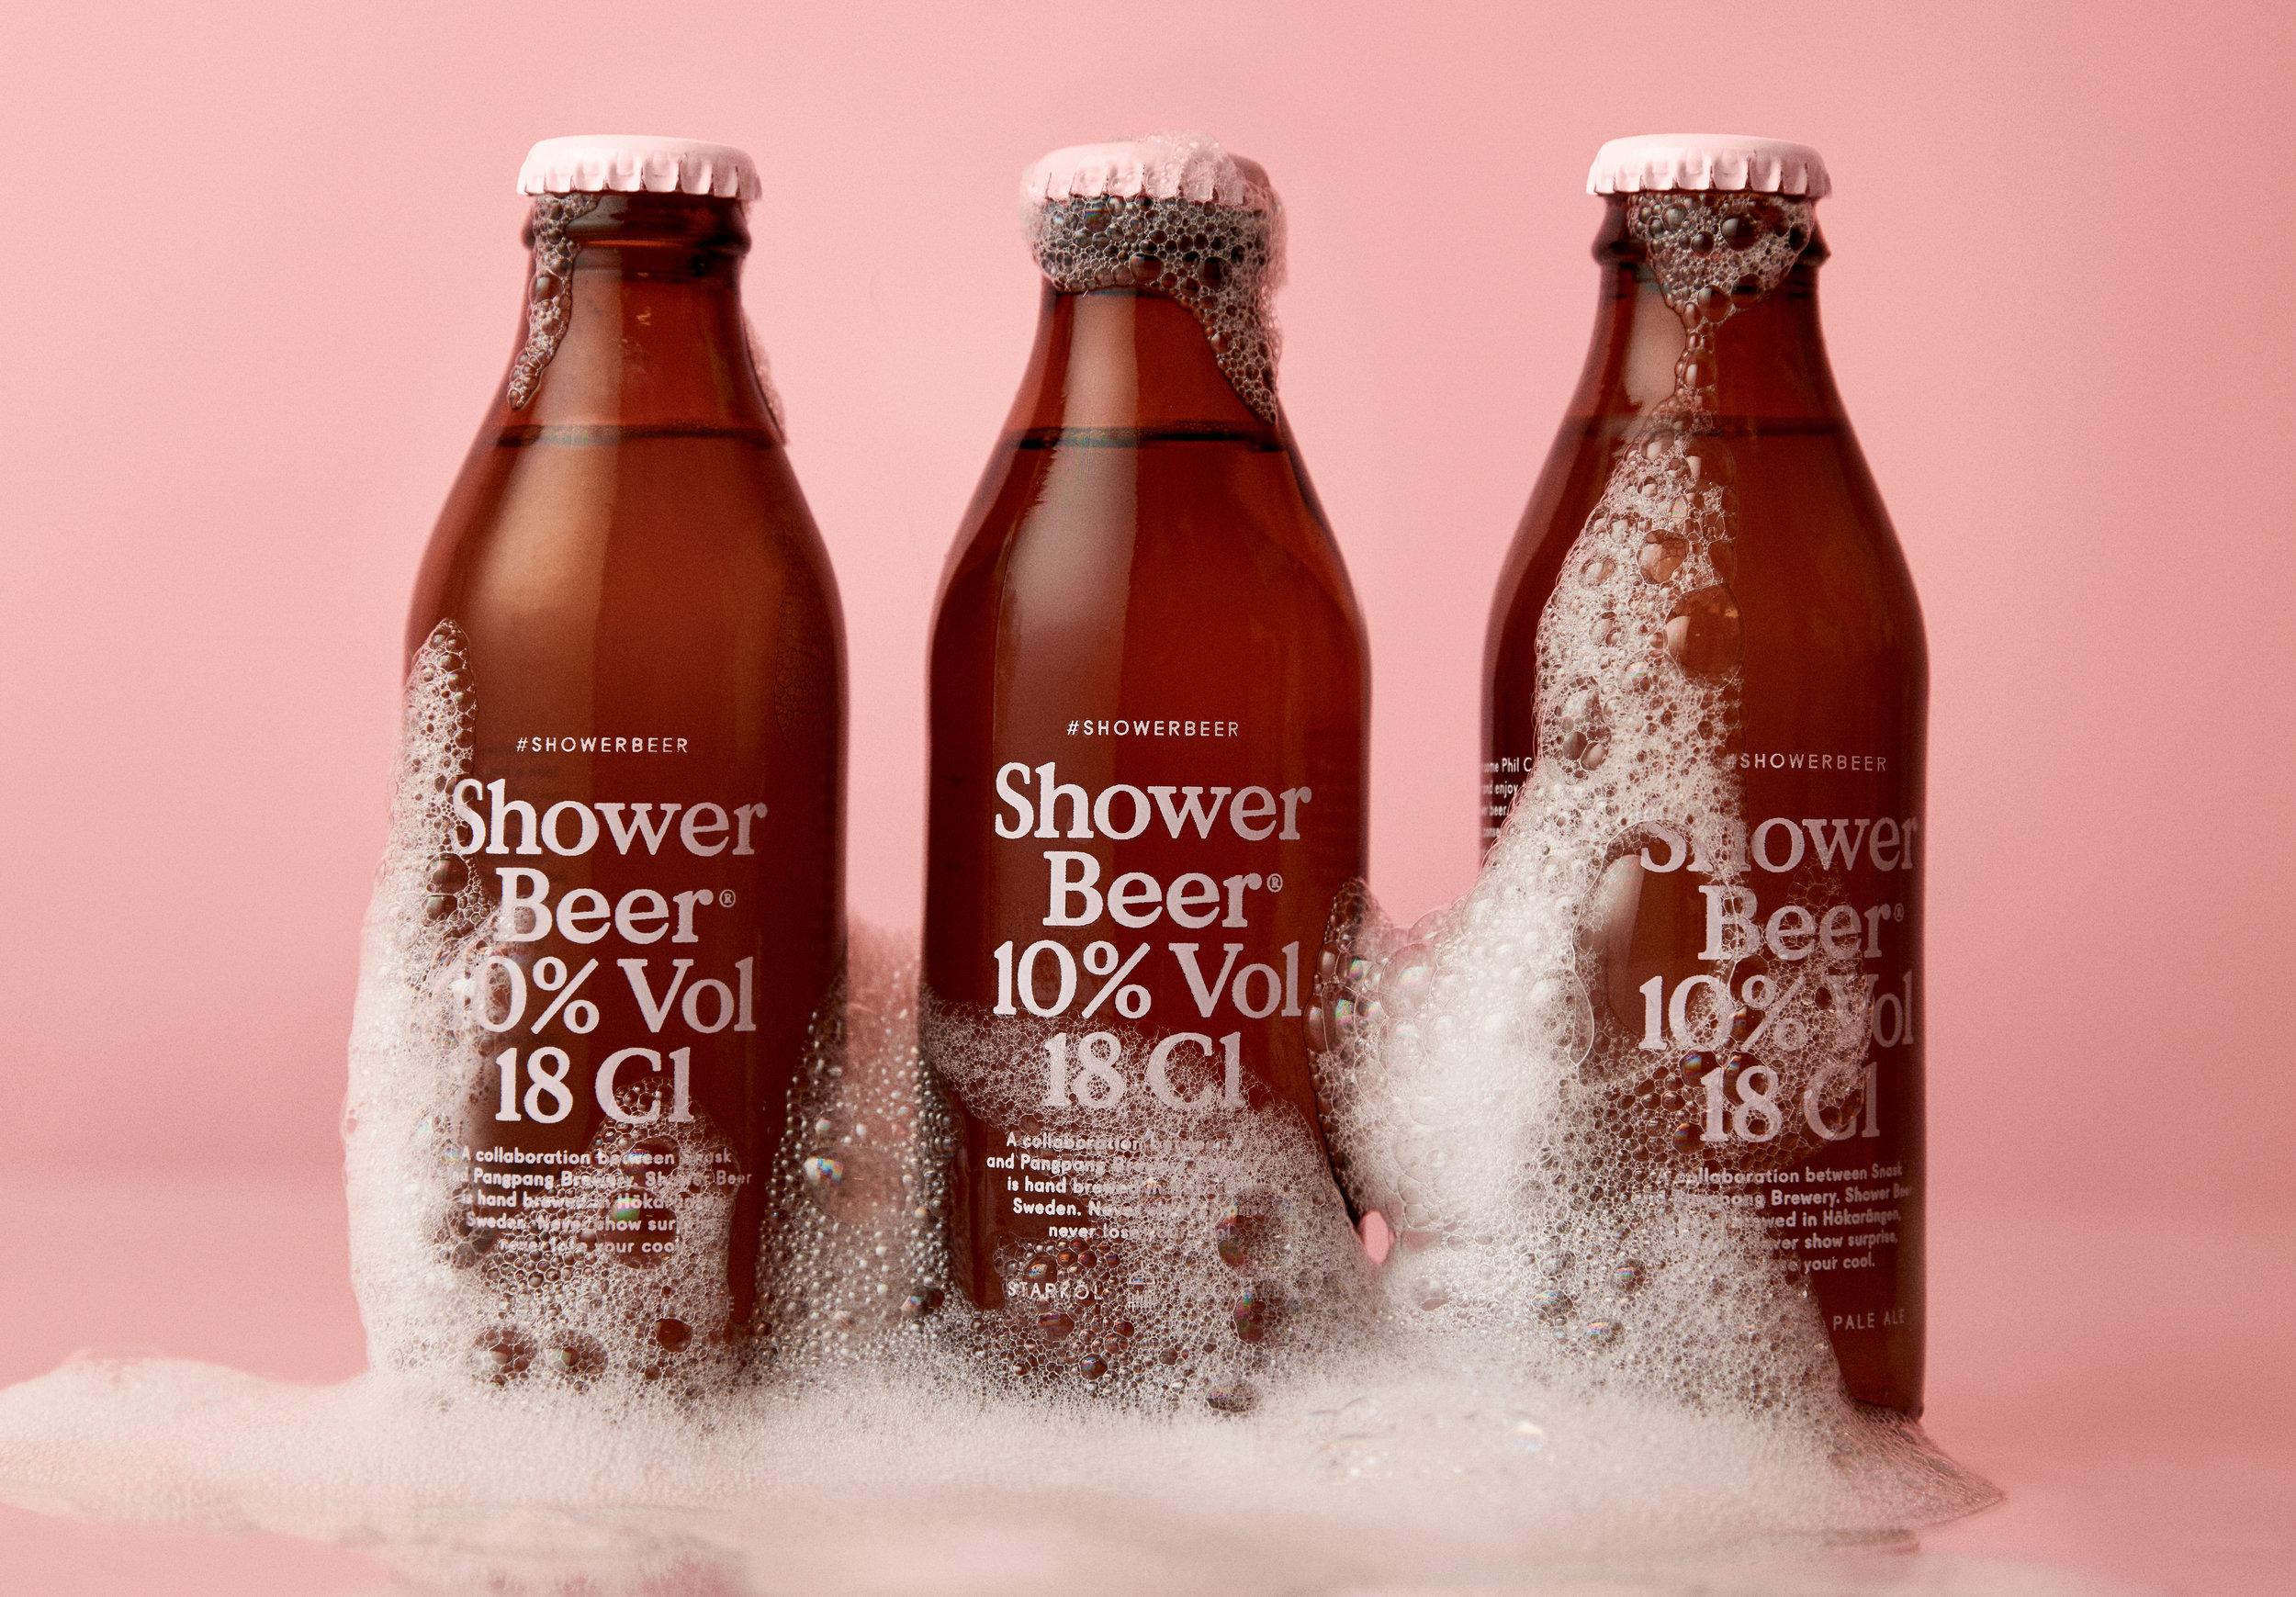 shower-beer_04_bottles-foam.jpg